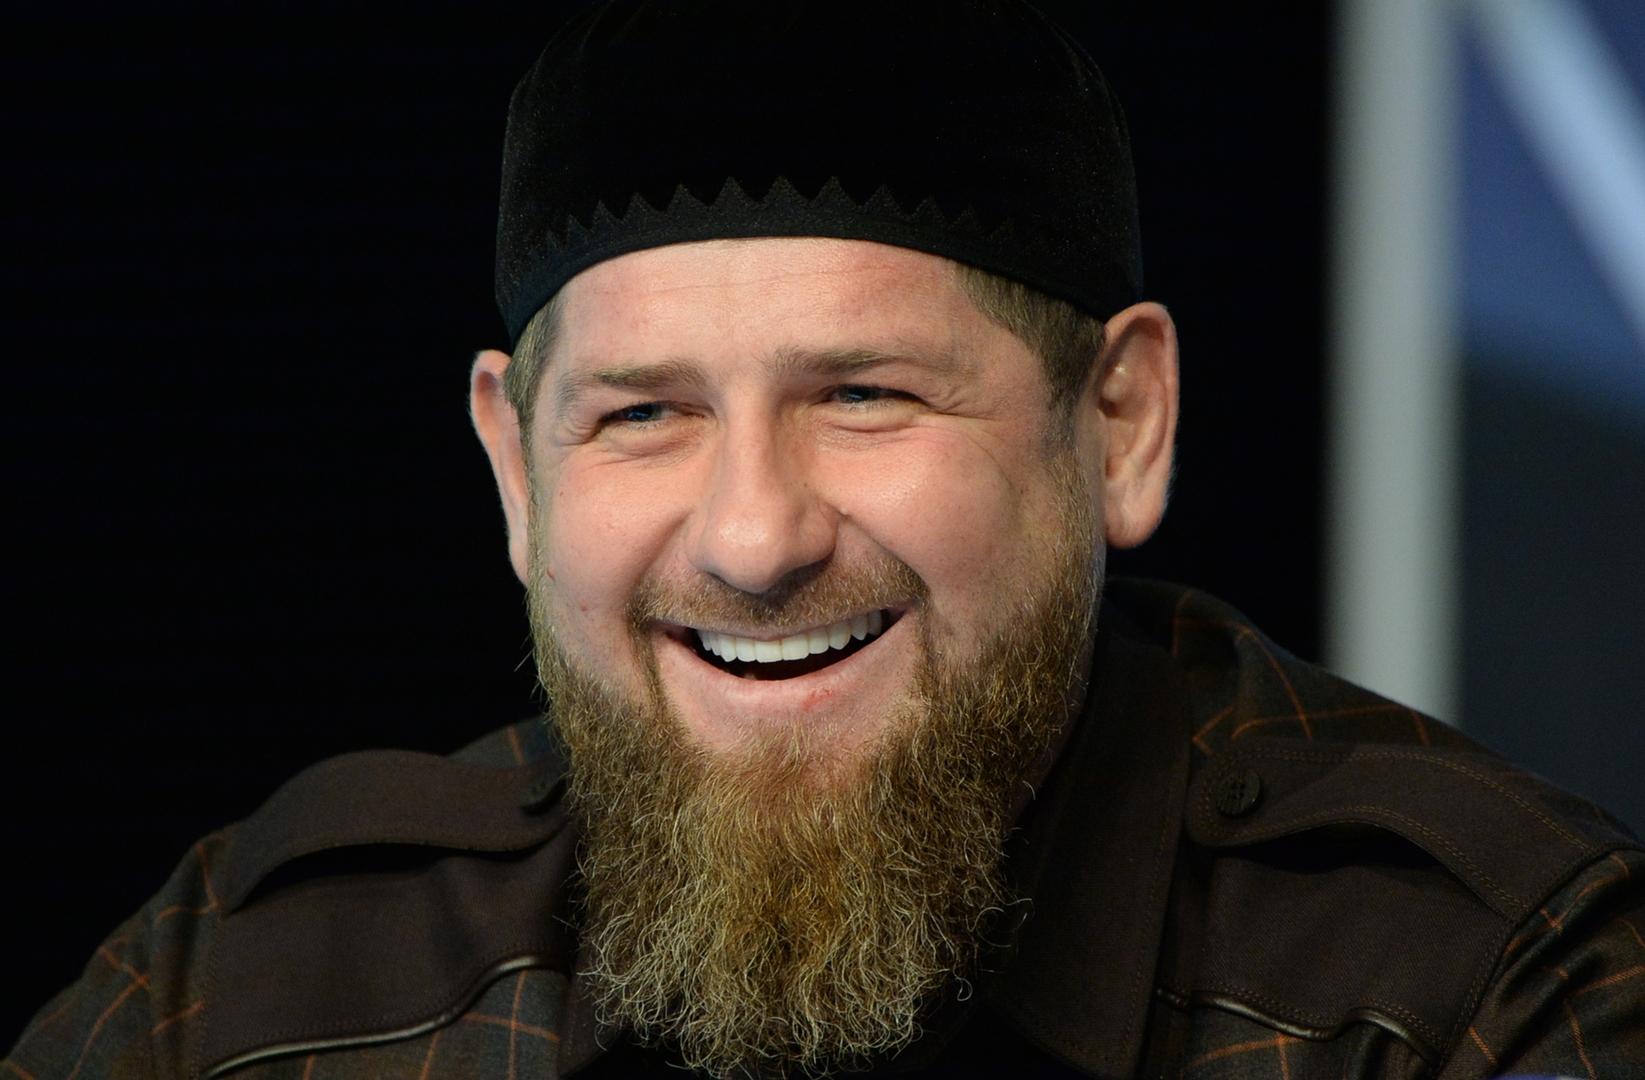 رئيس جمهورية الشيشان الروسية، رمضان قديروف.